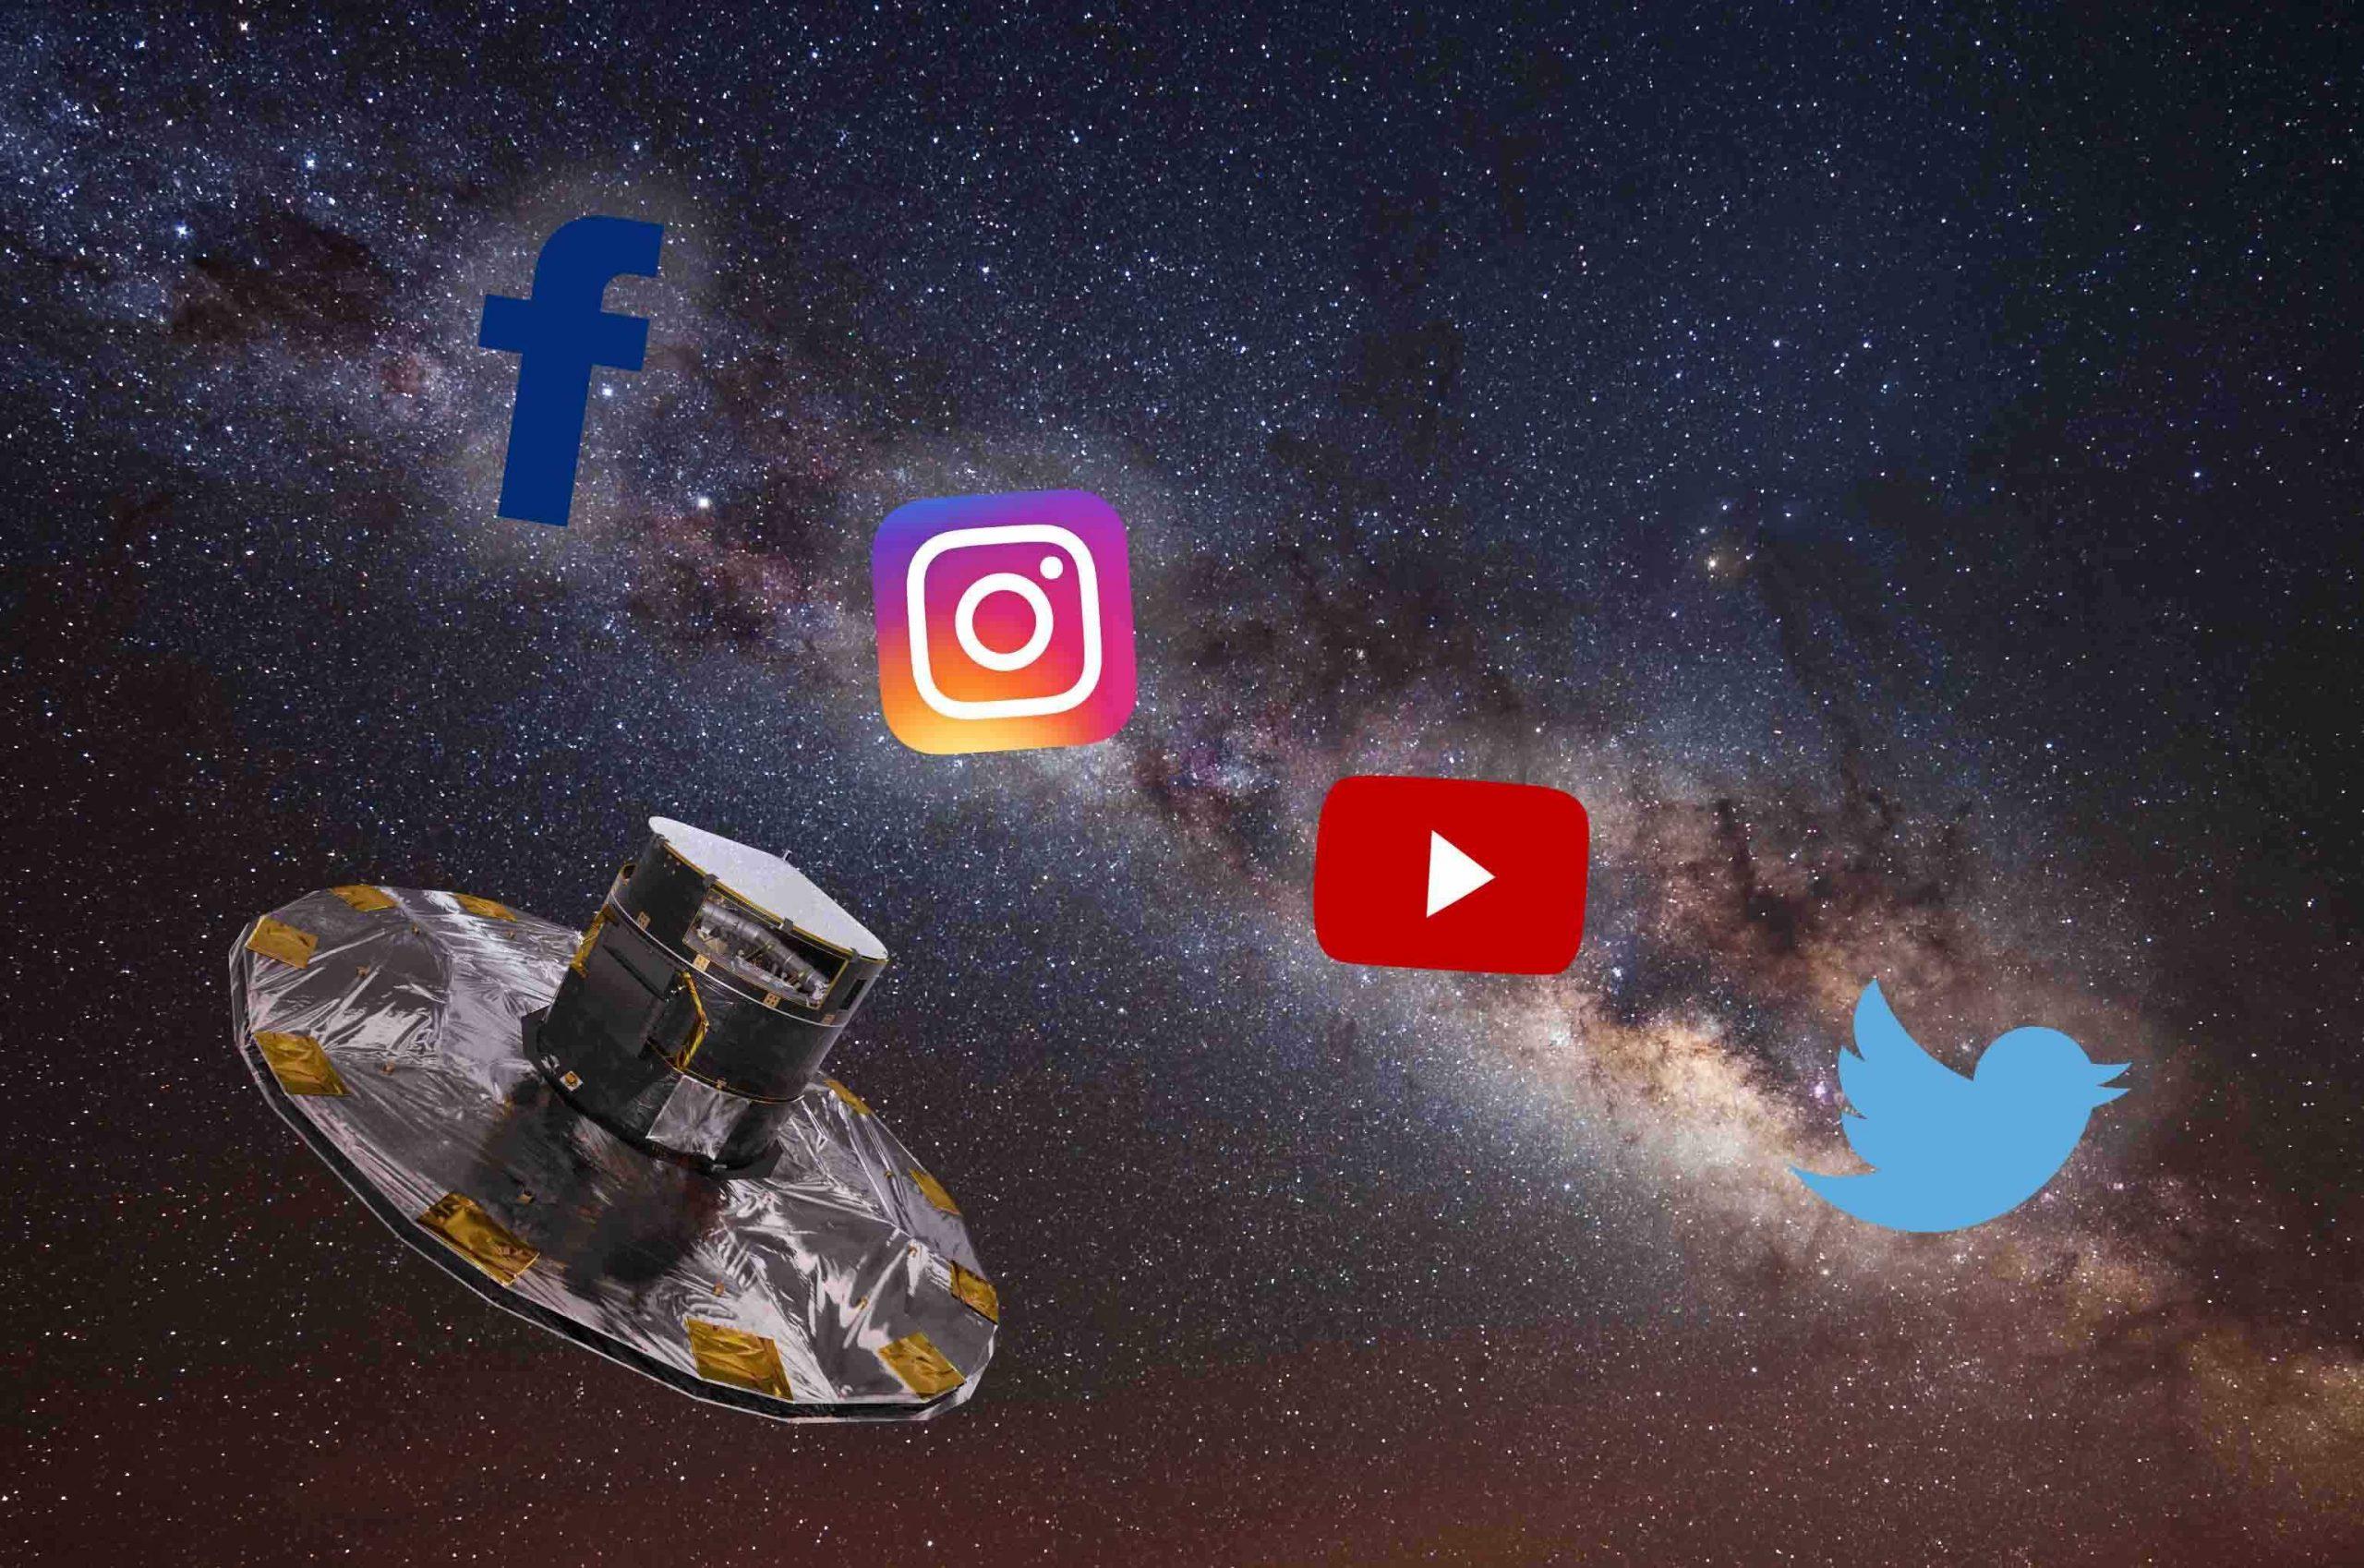 Le agenzie spaziali governative più attive nell'universo… social